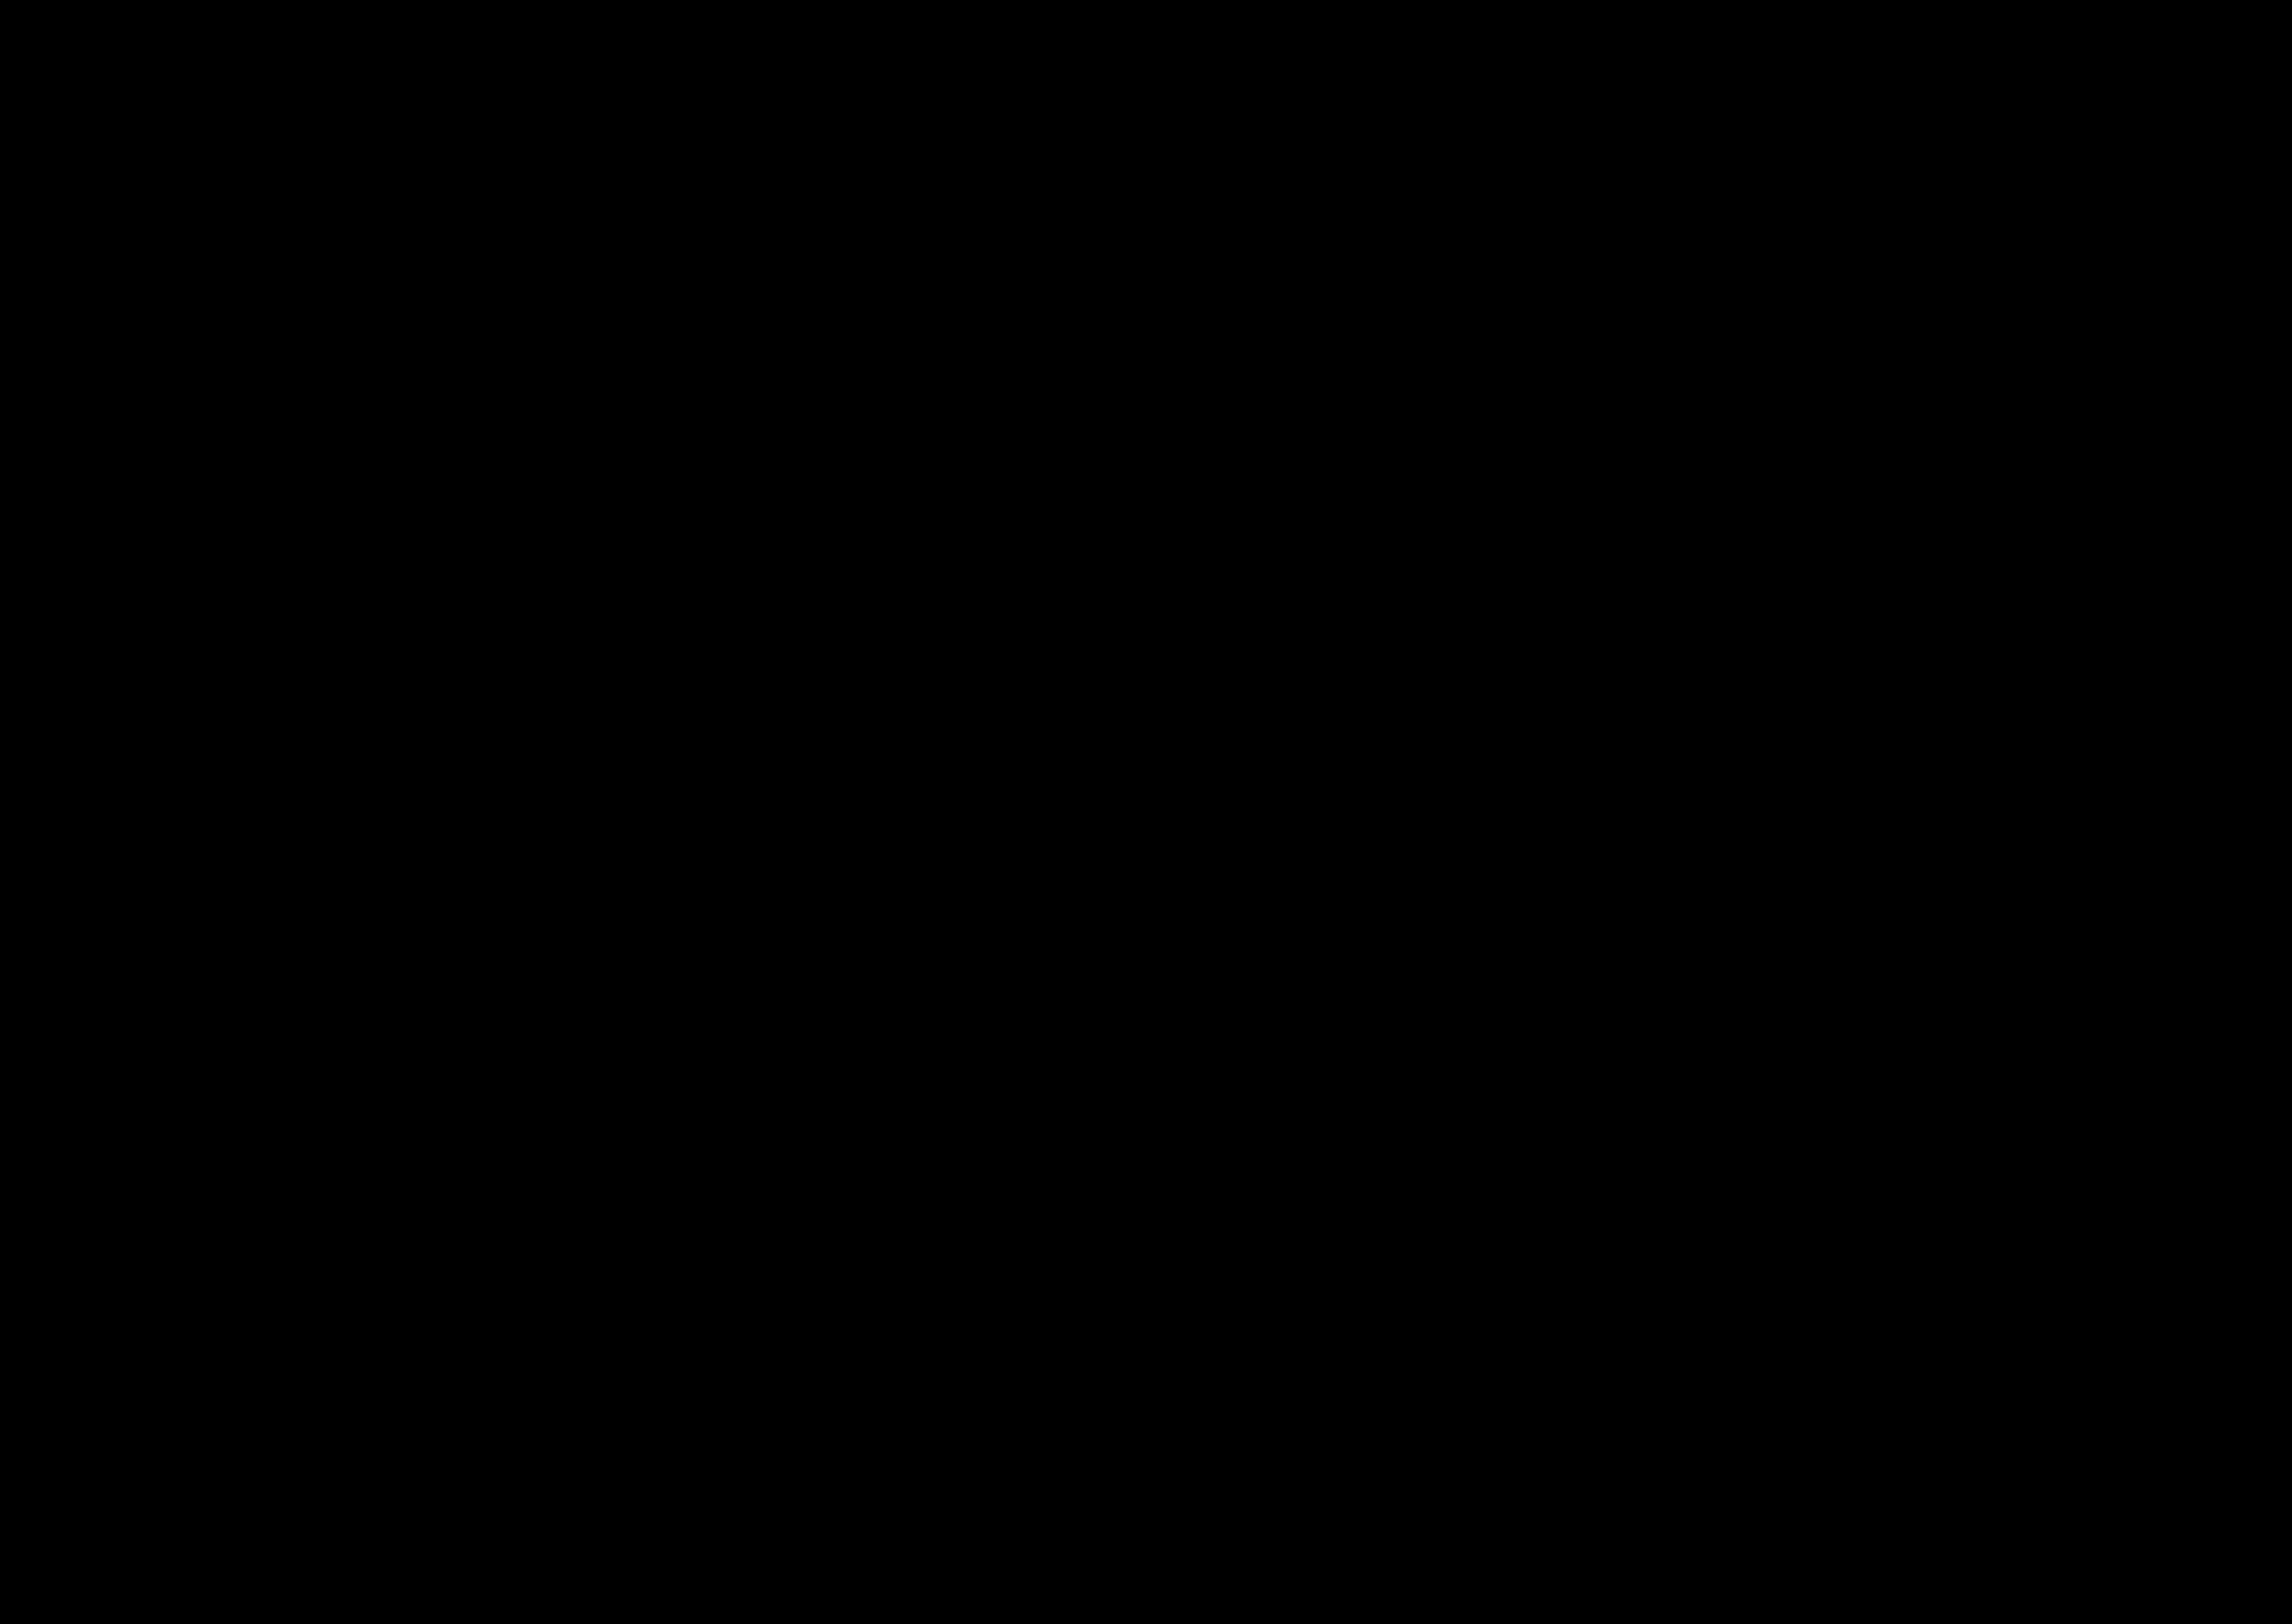 Amenajare Studio WELLA - Bucuresti  - Poza 2